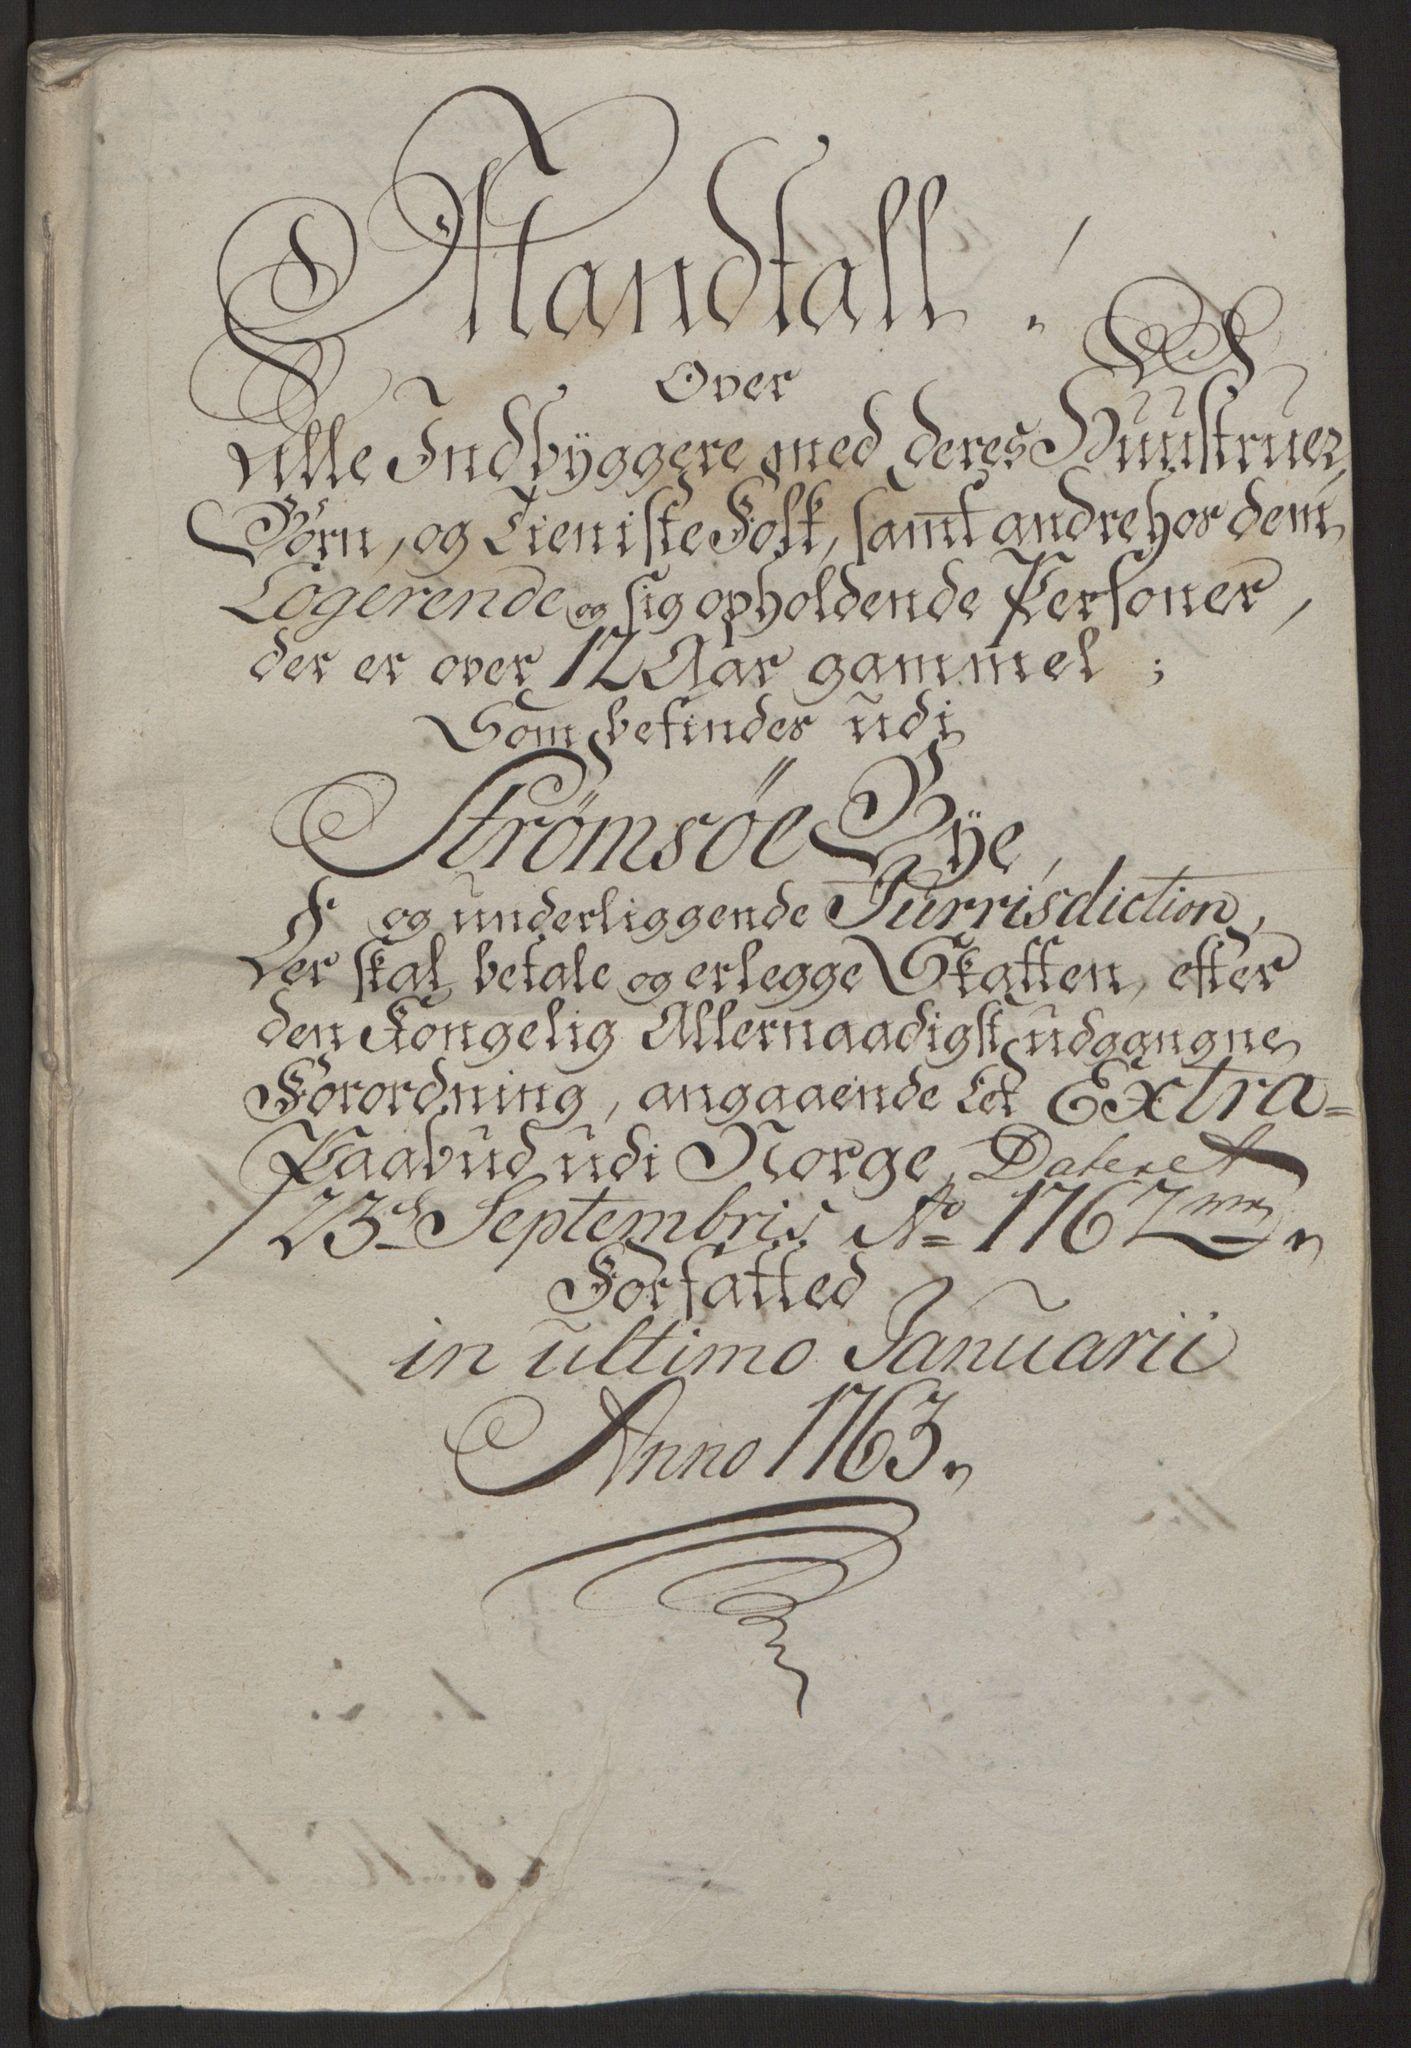 RA, Rentekammeret inntil 1814, Reviderte regnskaper, Byregnskaper, R/Rg/L0144: [G4] Kontribusjonsregnskap, 1762-1767, s. 81